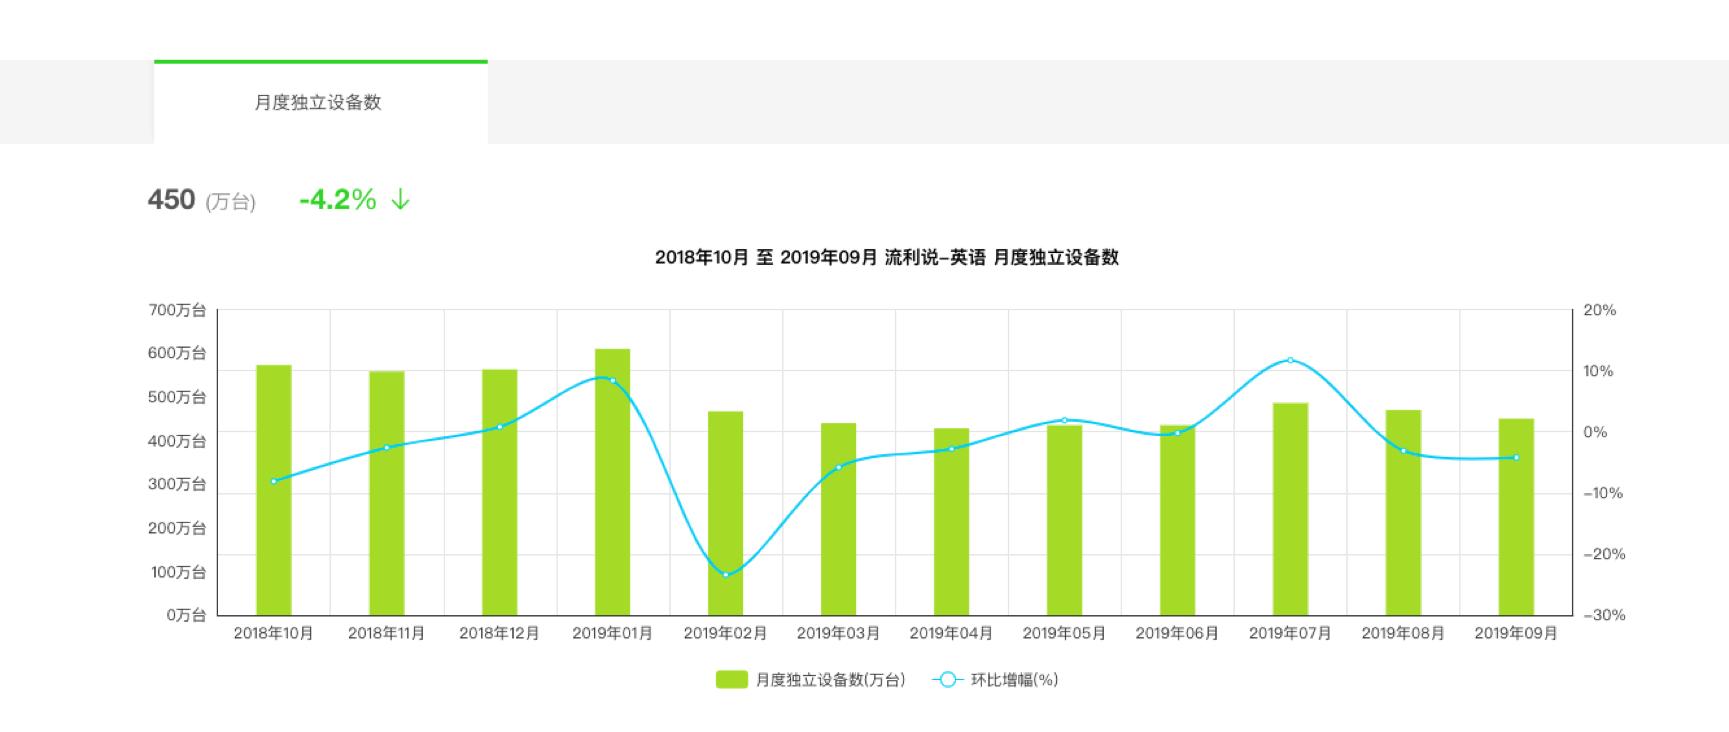 付费用户增长停滞营销费用却高涨,流利说进退维谷